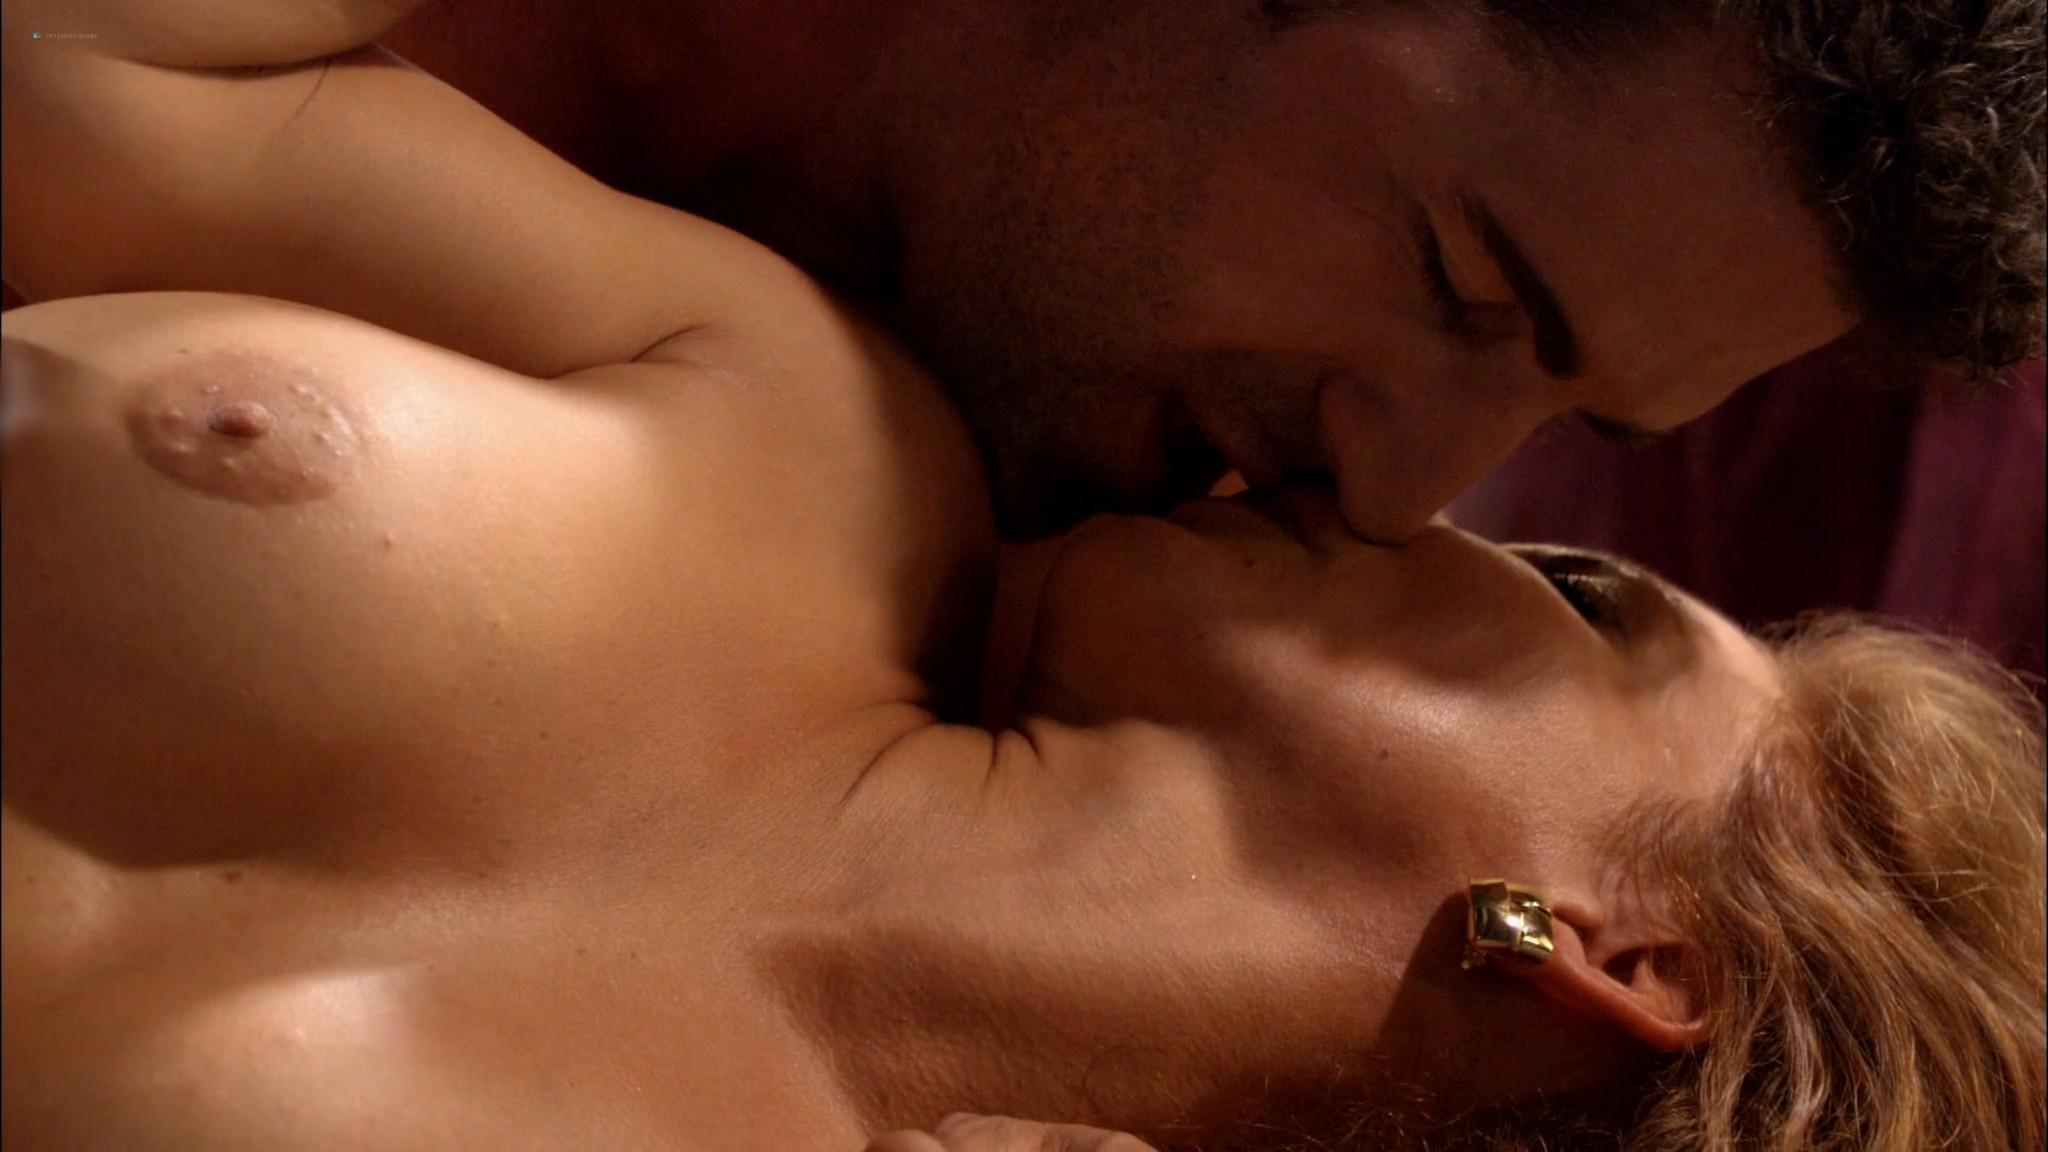 Jennifer Korbin nude hot sex Noelle DuBois Jessica Vandenberg nude sex too Lingerie 2009 s2e13 1080p 15